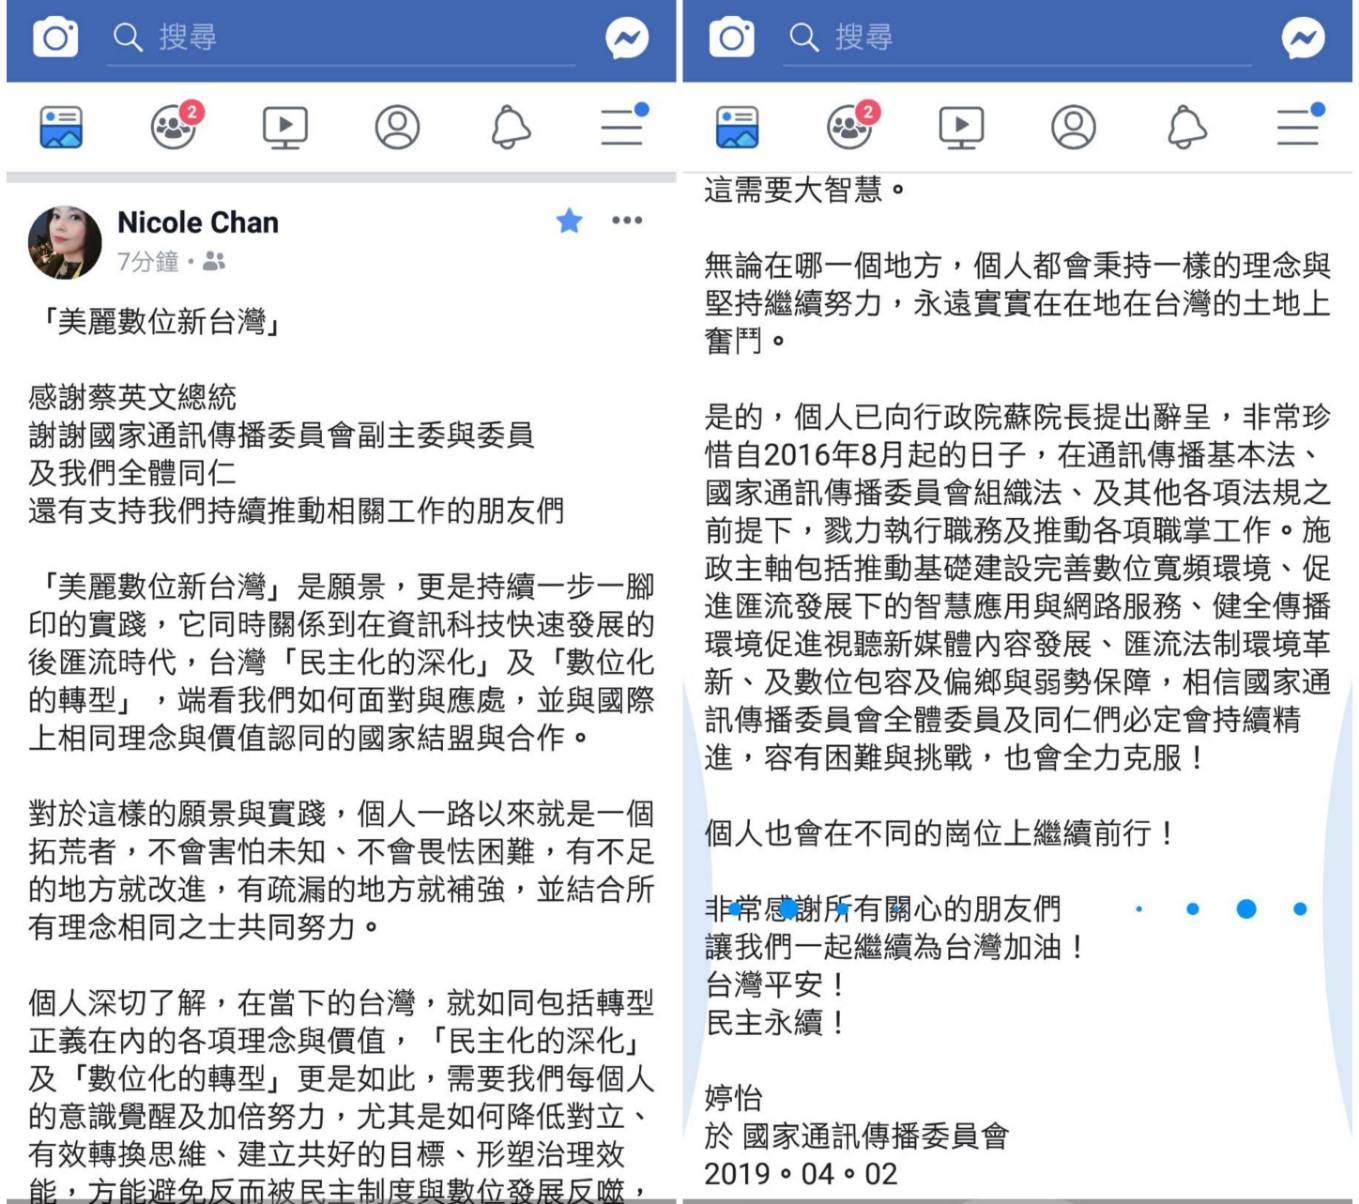 NCC主委詹婷怡請辭 臉書發文抒發心情